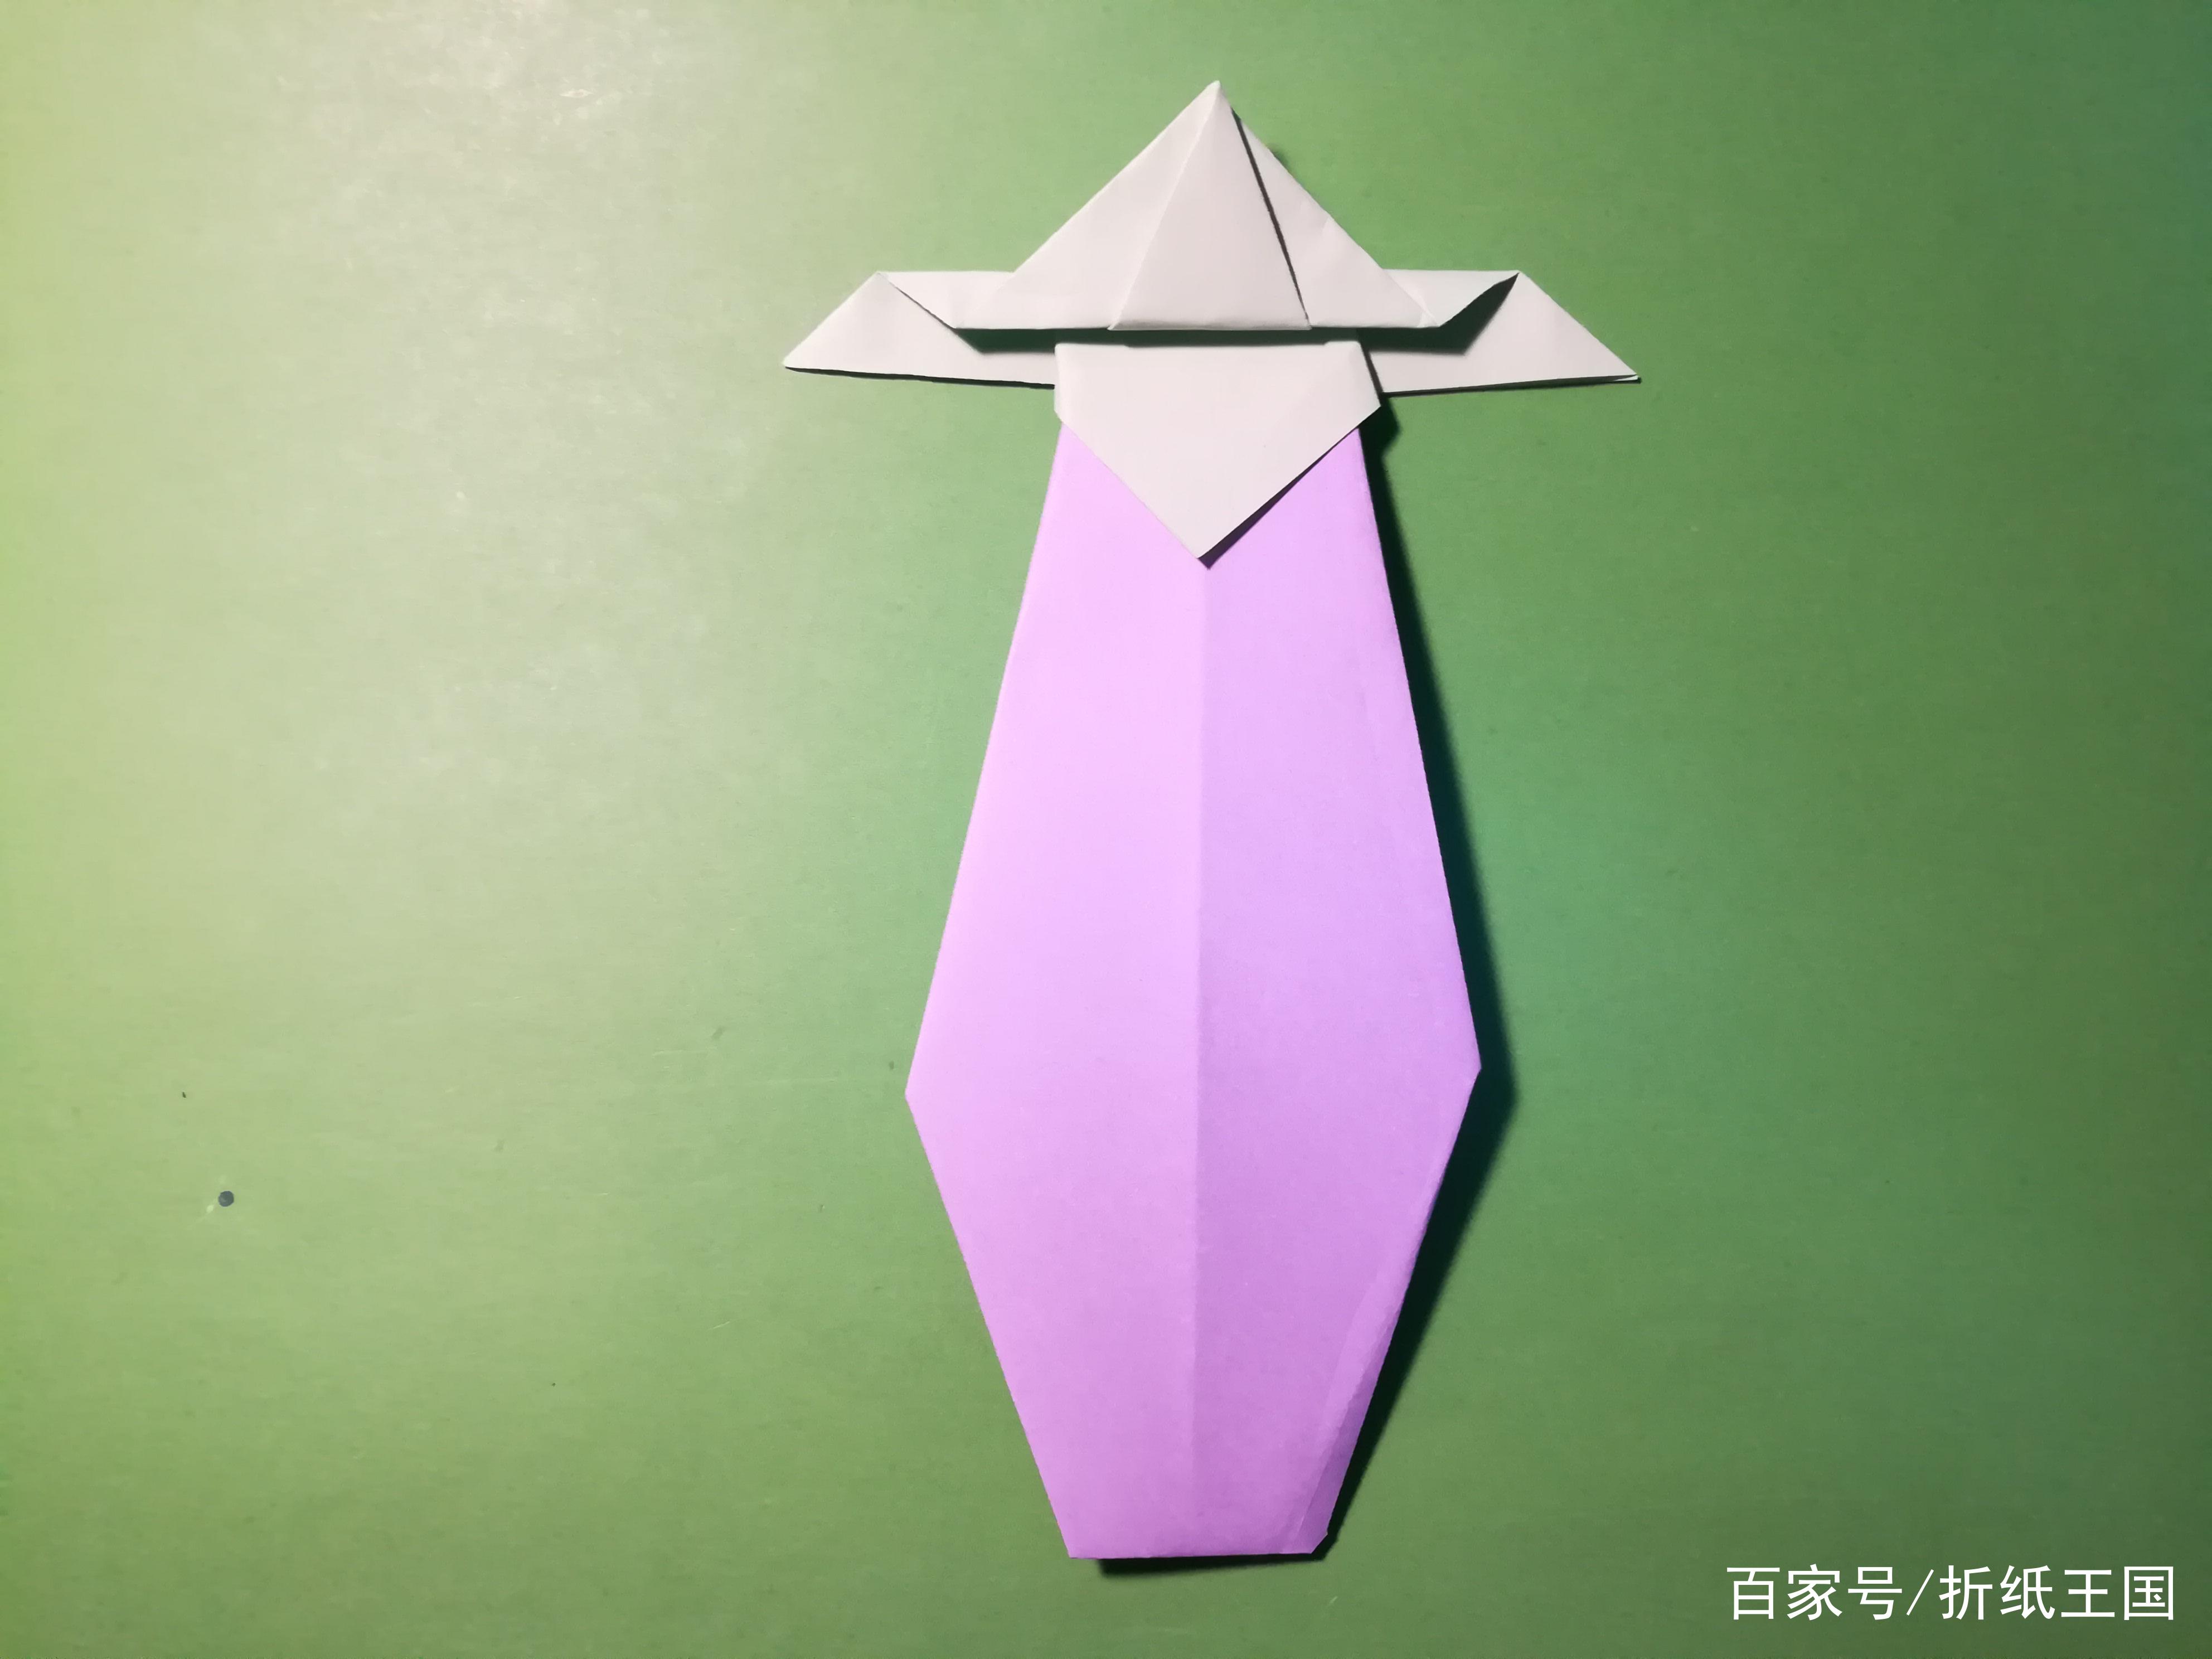 折纸王国:手工制作折纸茄子的教程,2分钟就能学会!